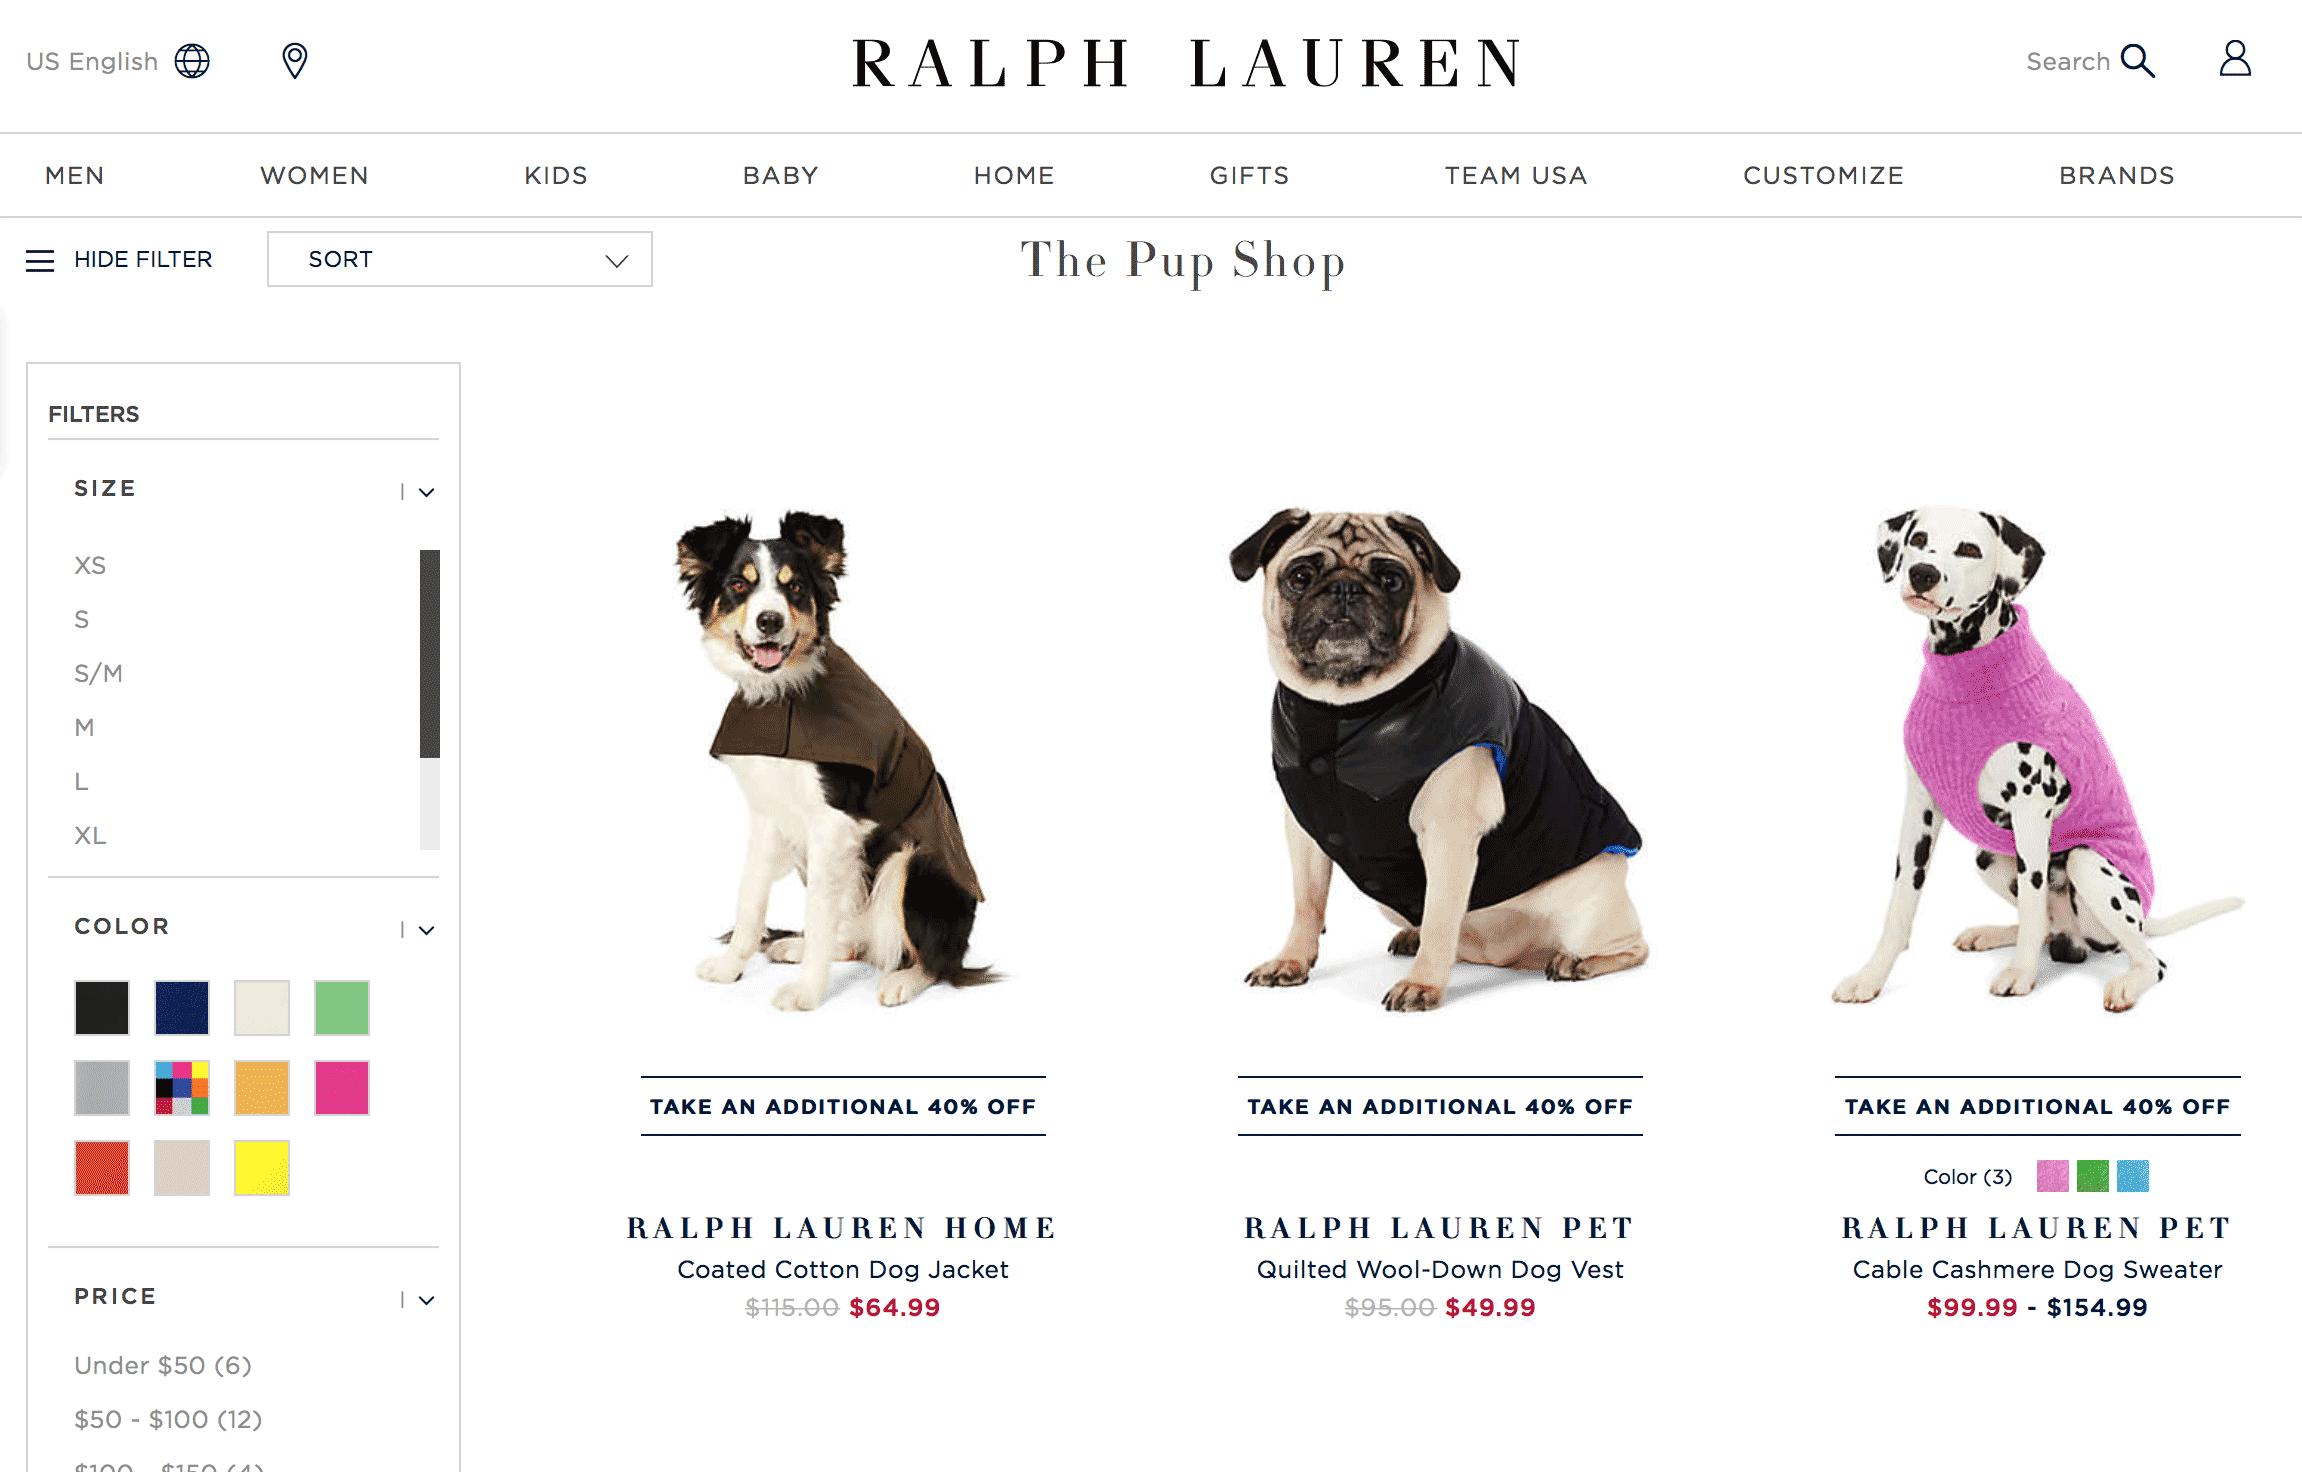 В «Ральф Лорен» есть кашемировые свитеры для собак